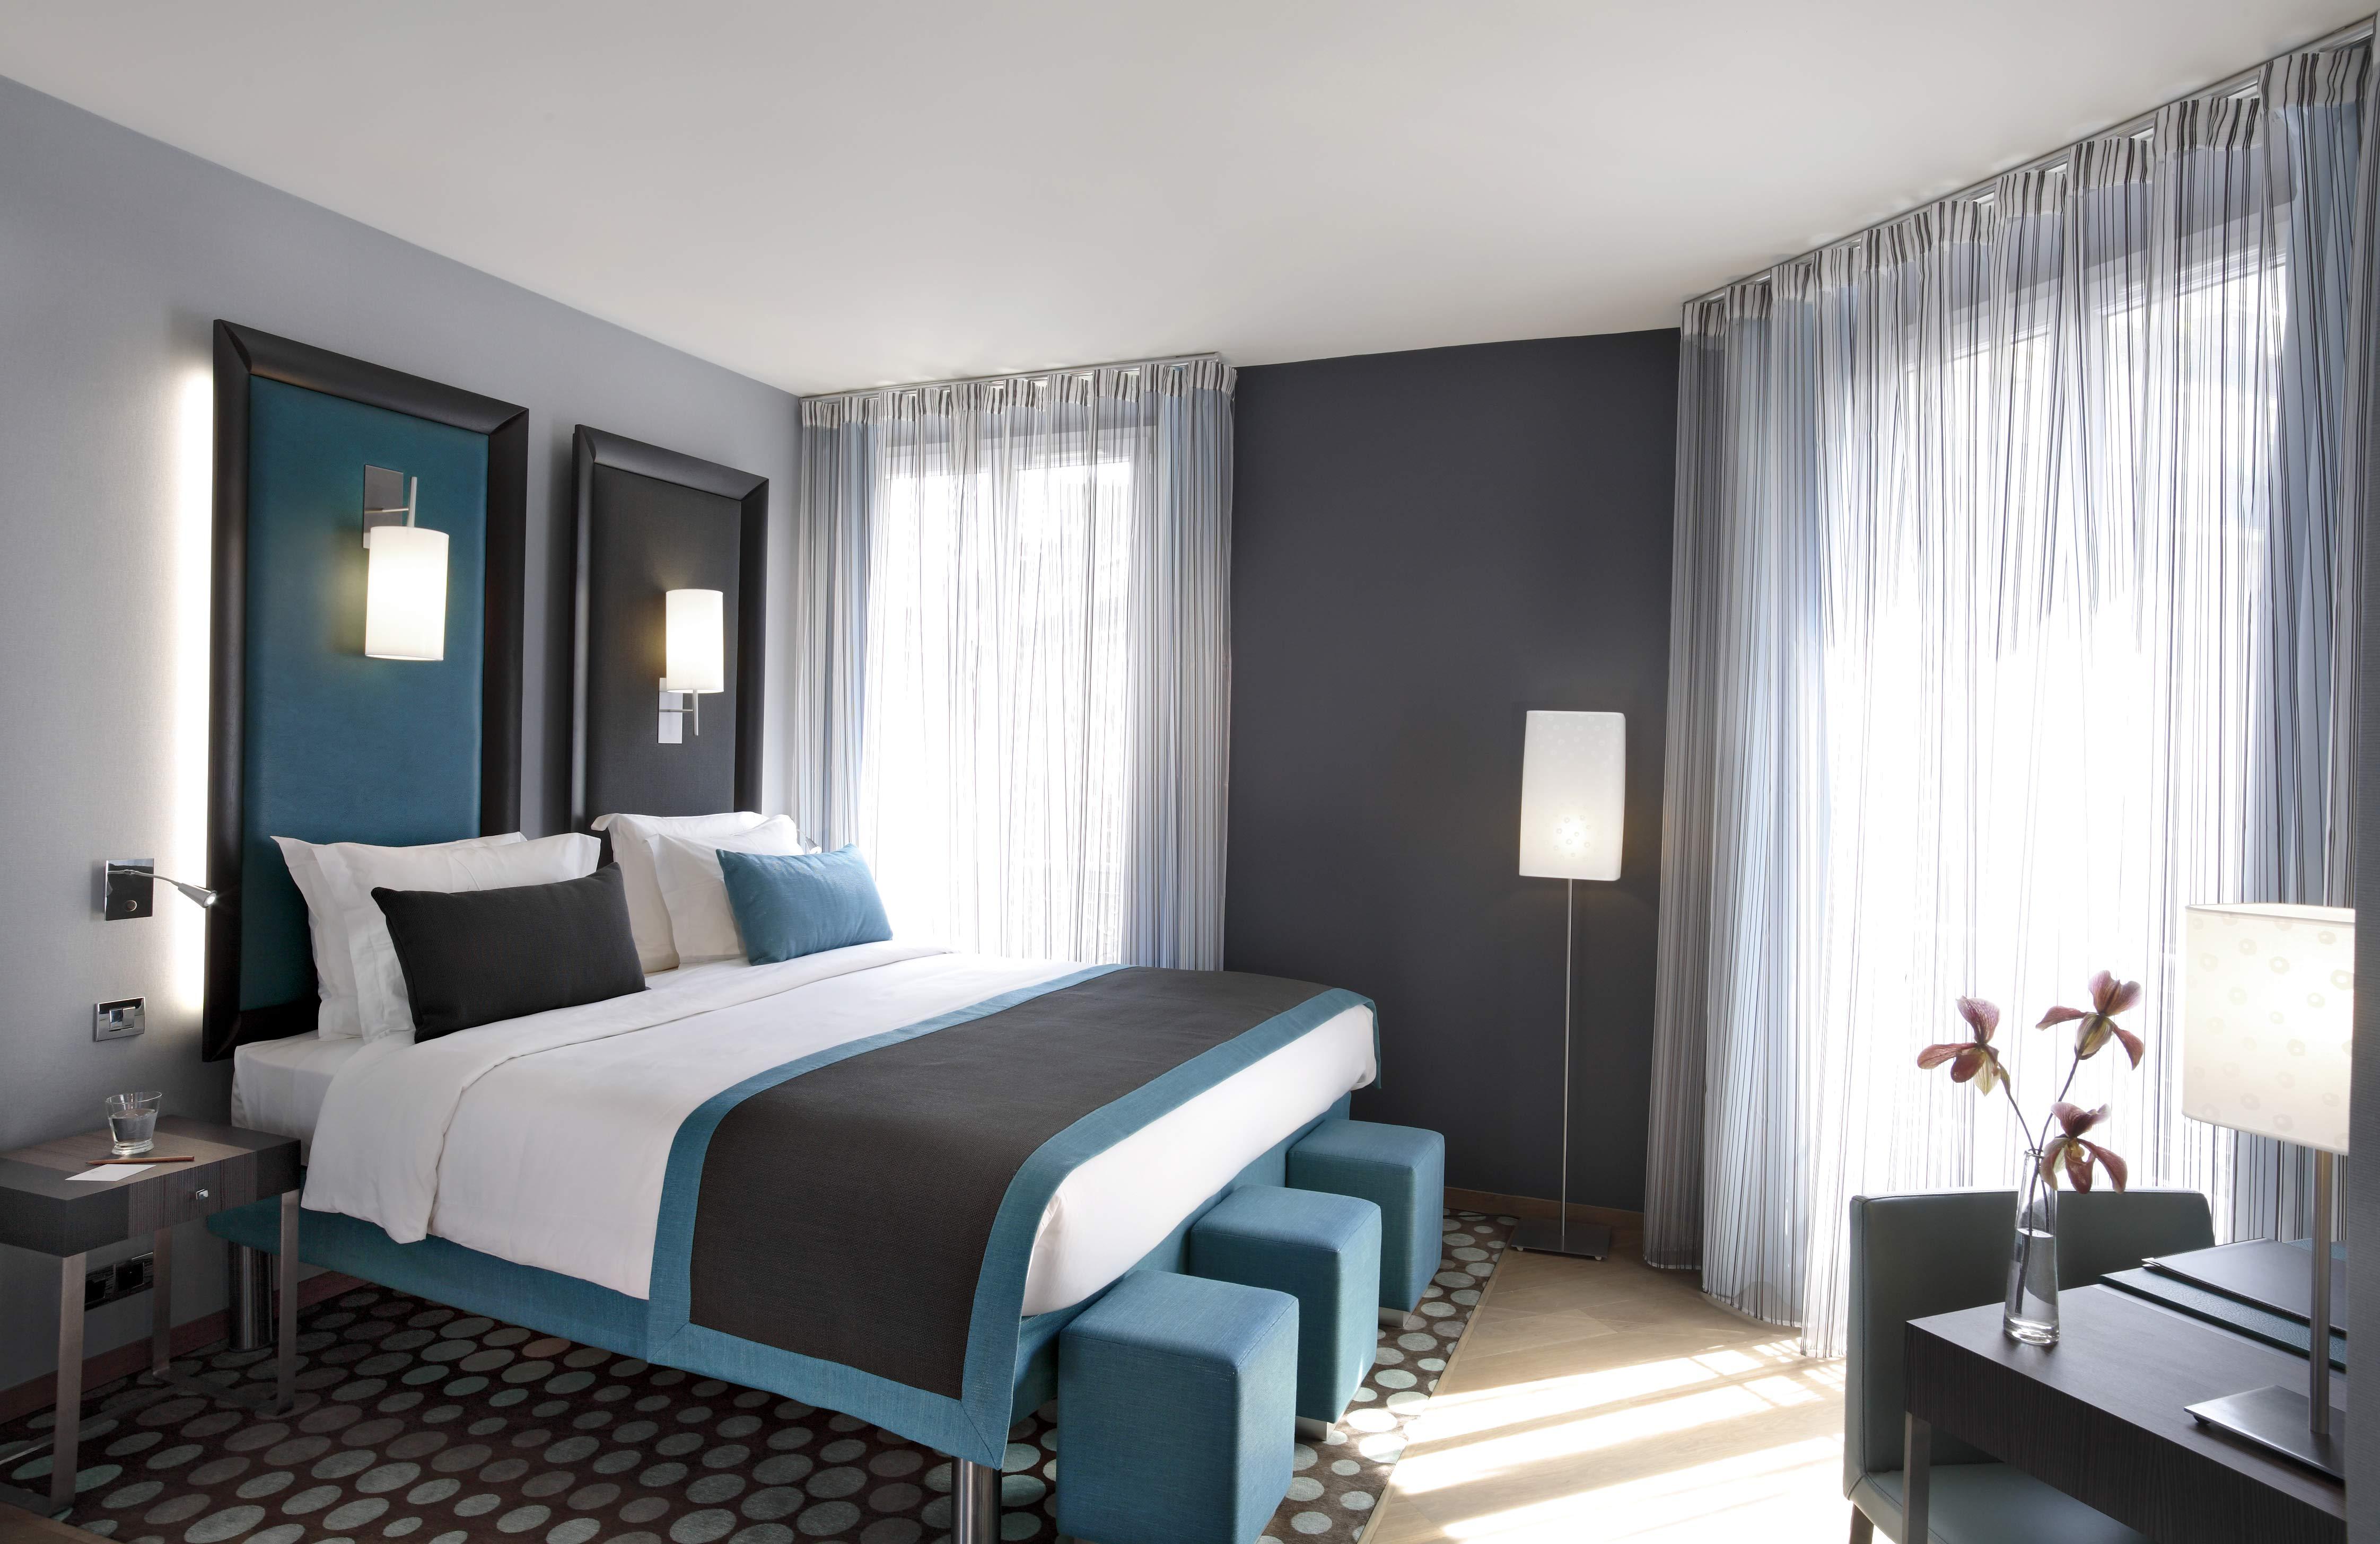 Chambre lit double décoration bleu, noir et blanc